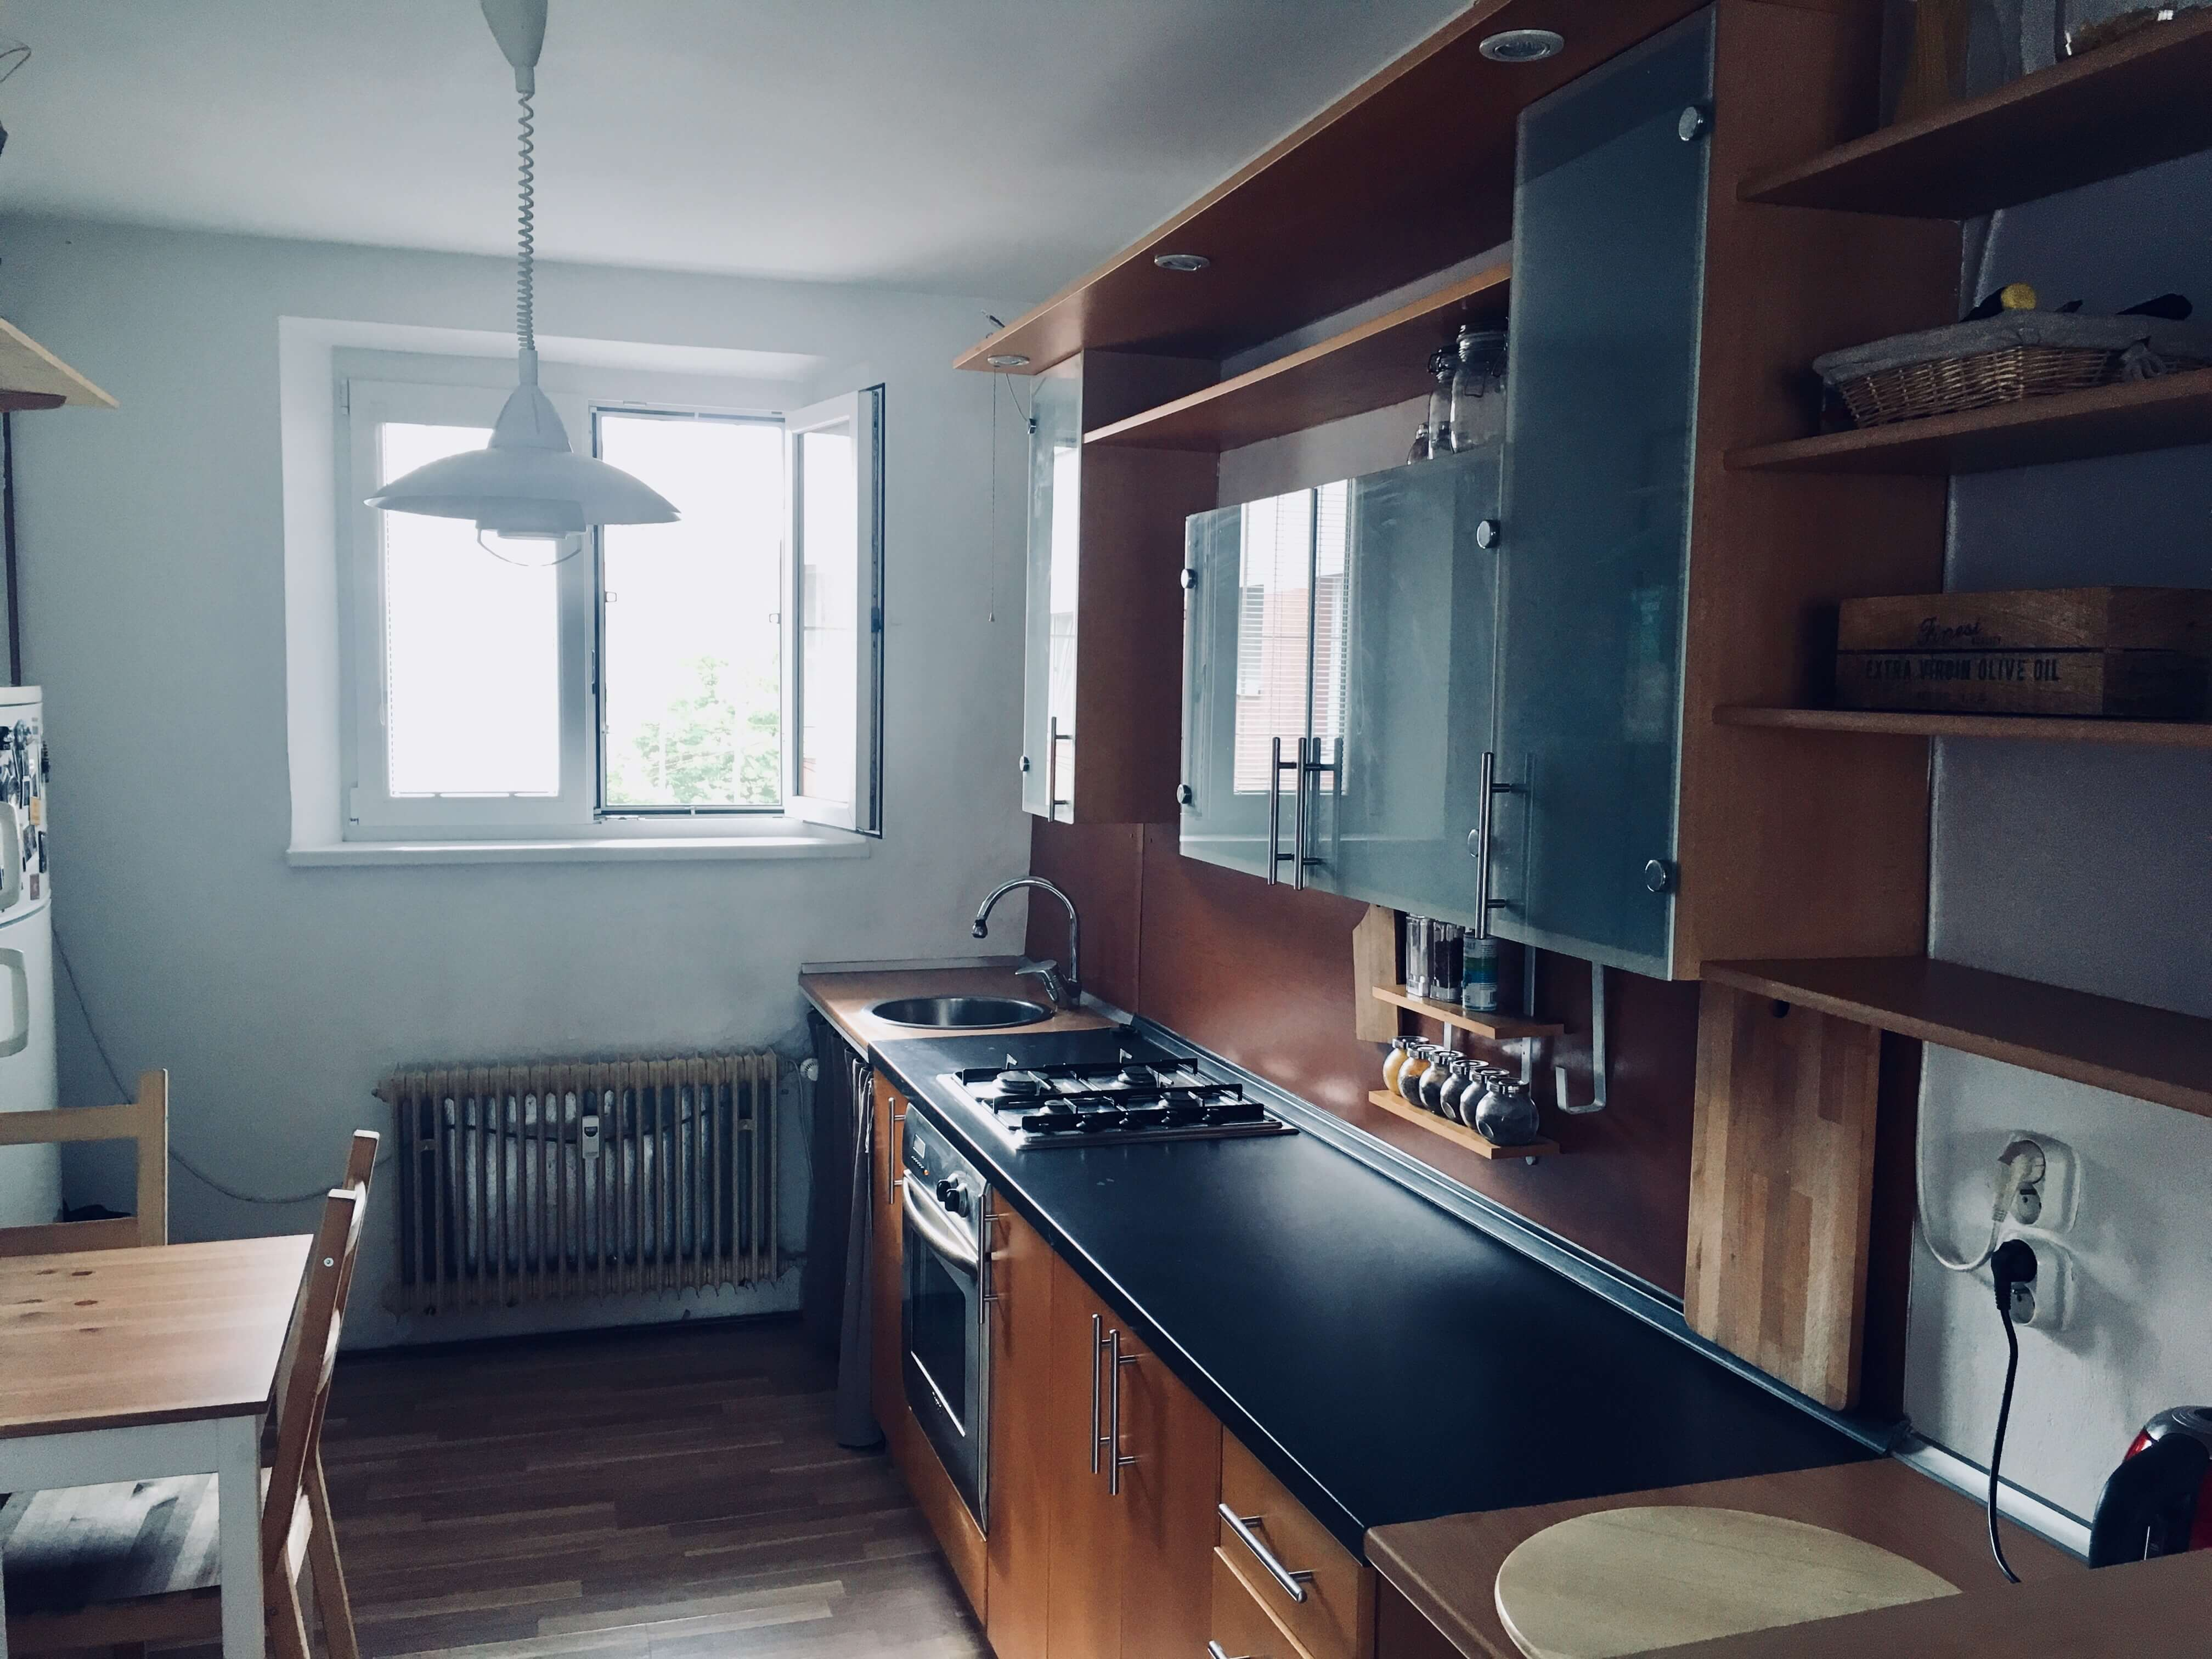 Prenajaté: Exkluzívne na prenájom 1 Izbový byt, 43 m2, pavlač 7 m2, Šancová 25, Staré mesto-3